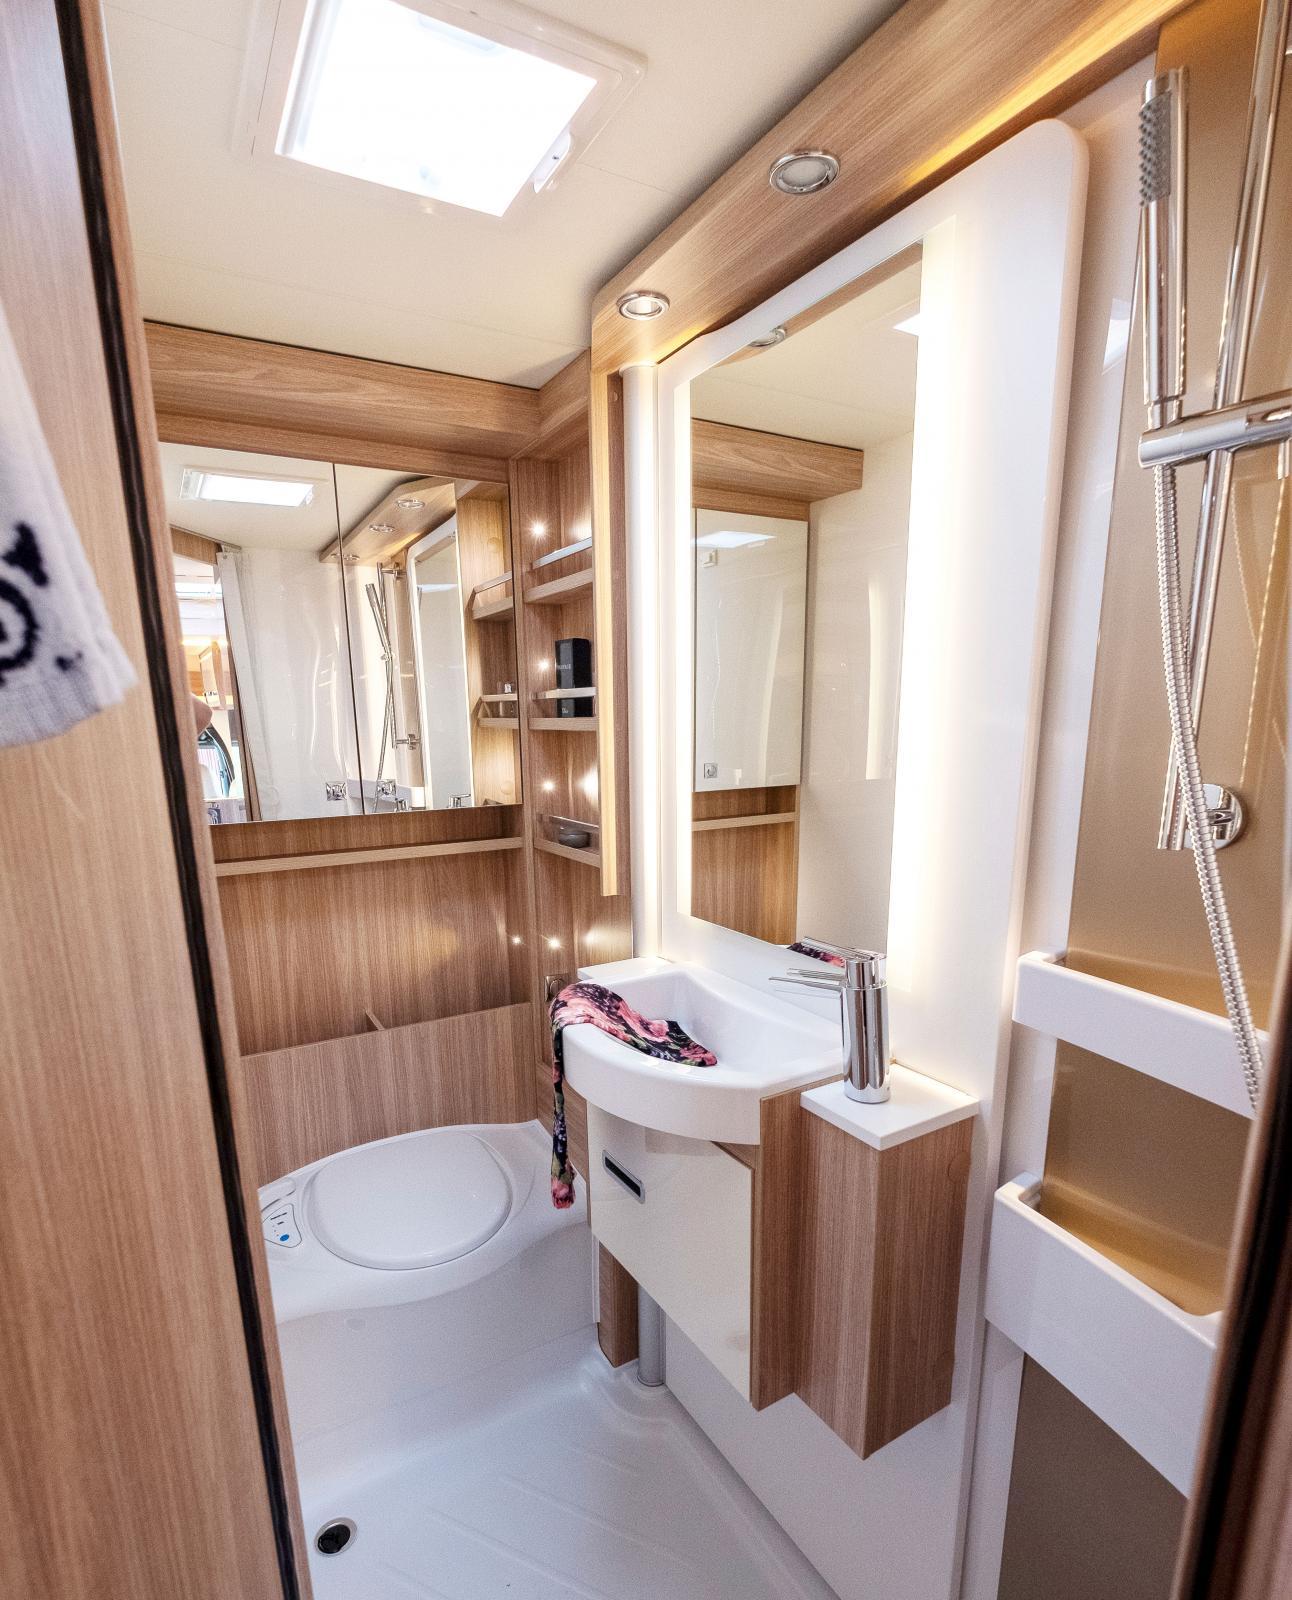 Strålande tjusigt badrum à la designhotell eller turfärjefeeling? I toalettutförande känns det mer som hotell faktiskt.